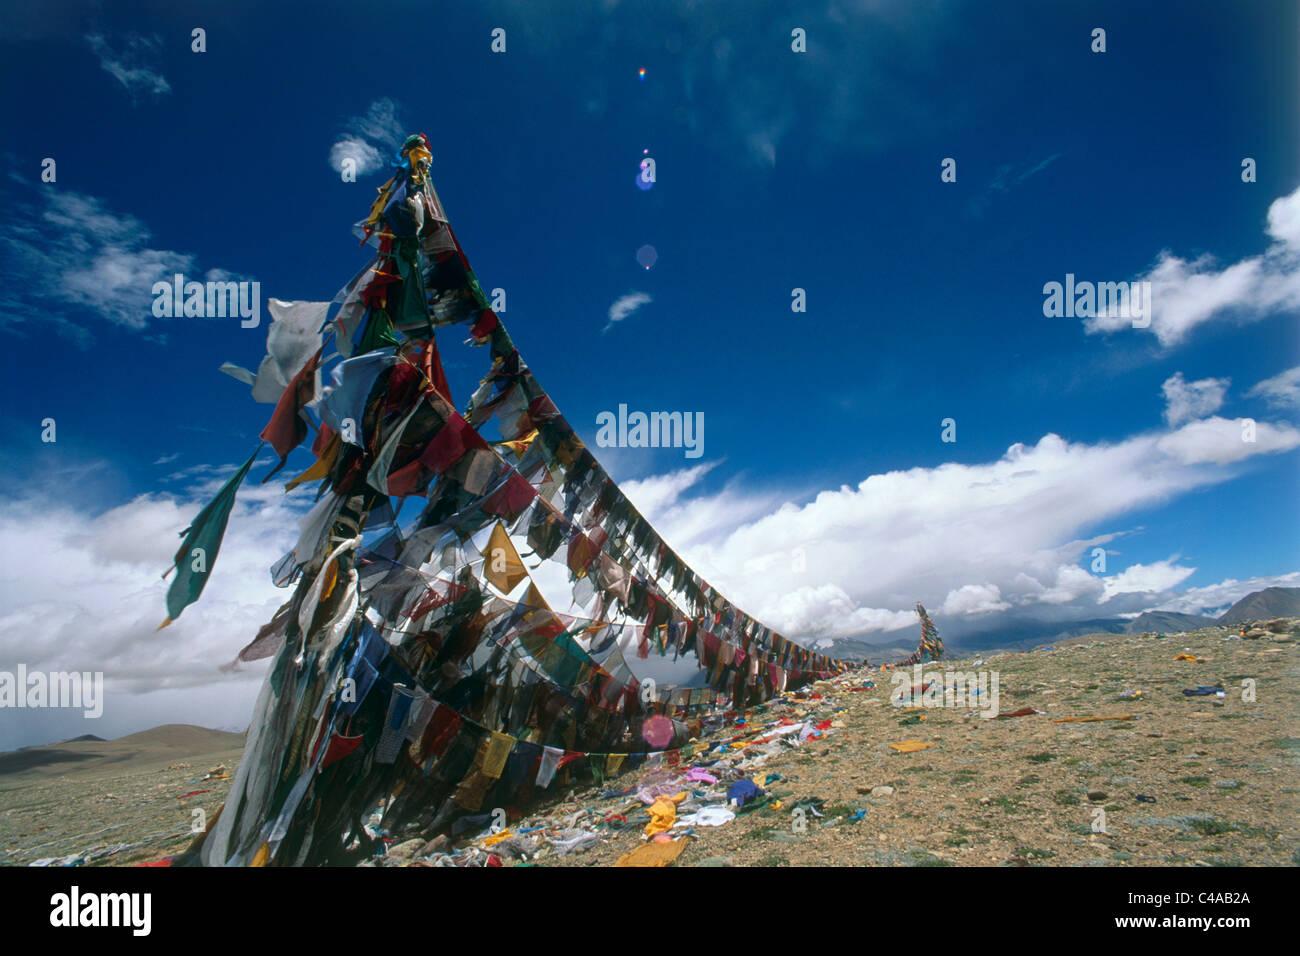 Foto von einem riesigen Wäsche Bügel in Tibet Stockbild